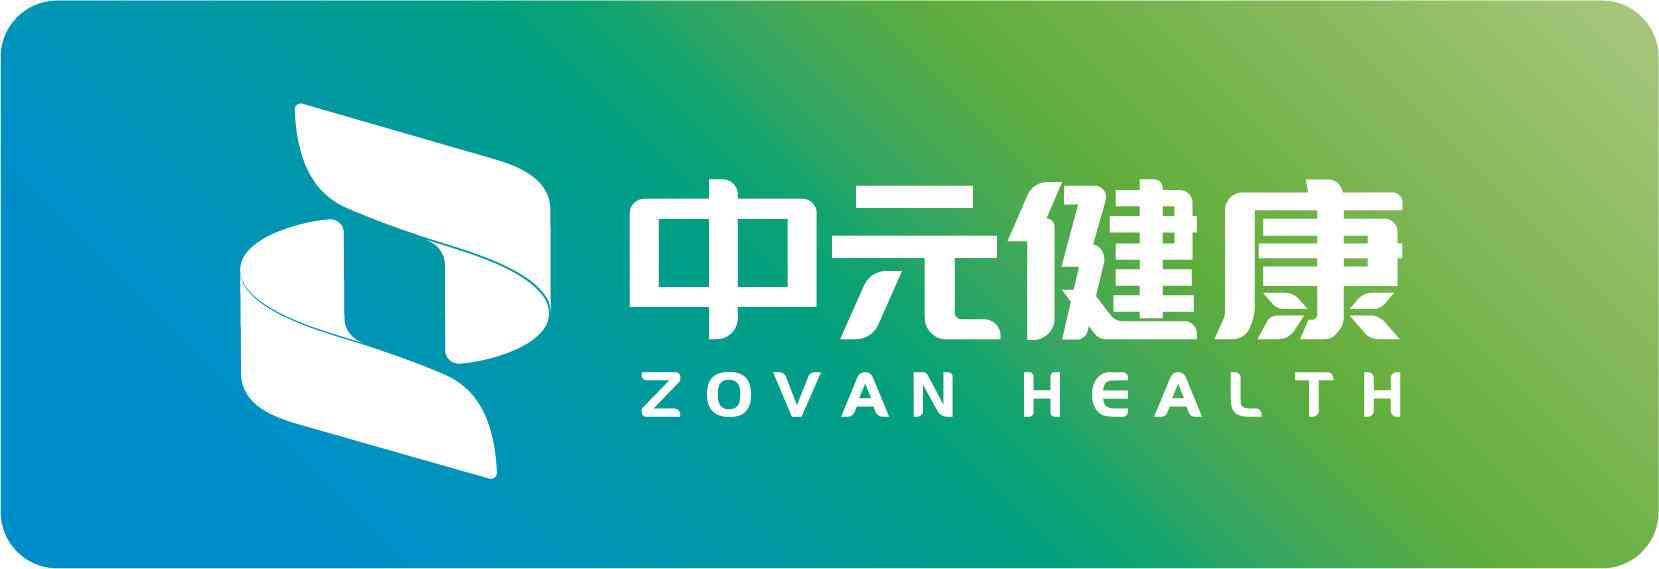 中元健康科技有限公司